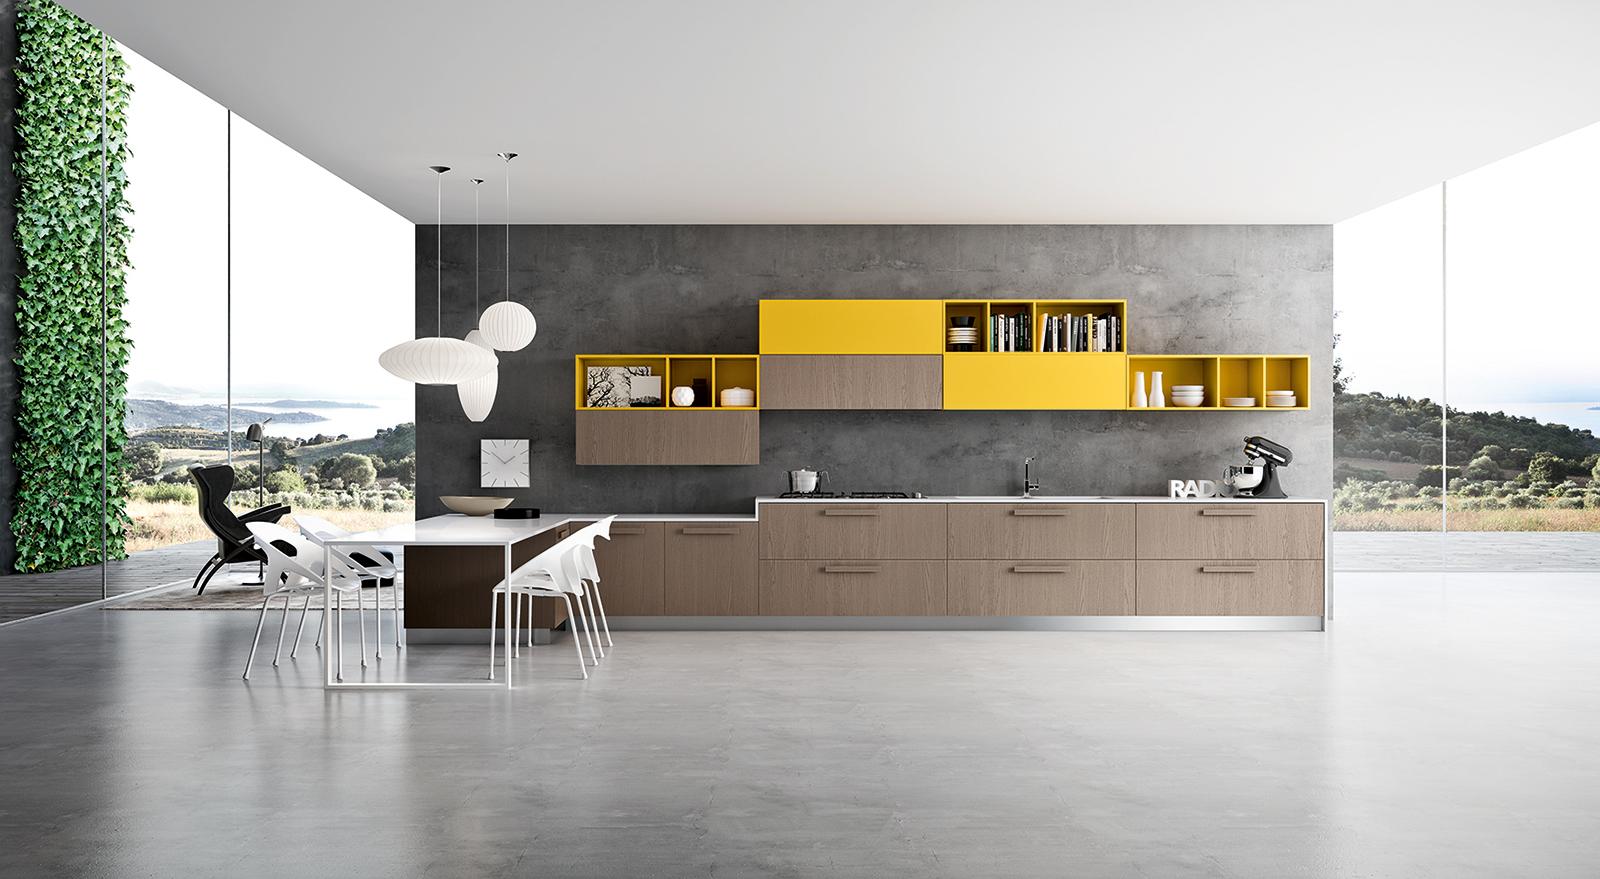 Binario Pensili Cucina Ikea appartamento in toscana: esempio progetto arredo online